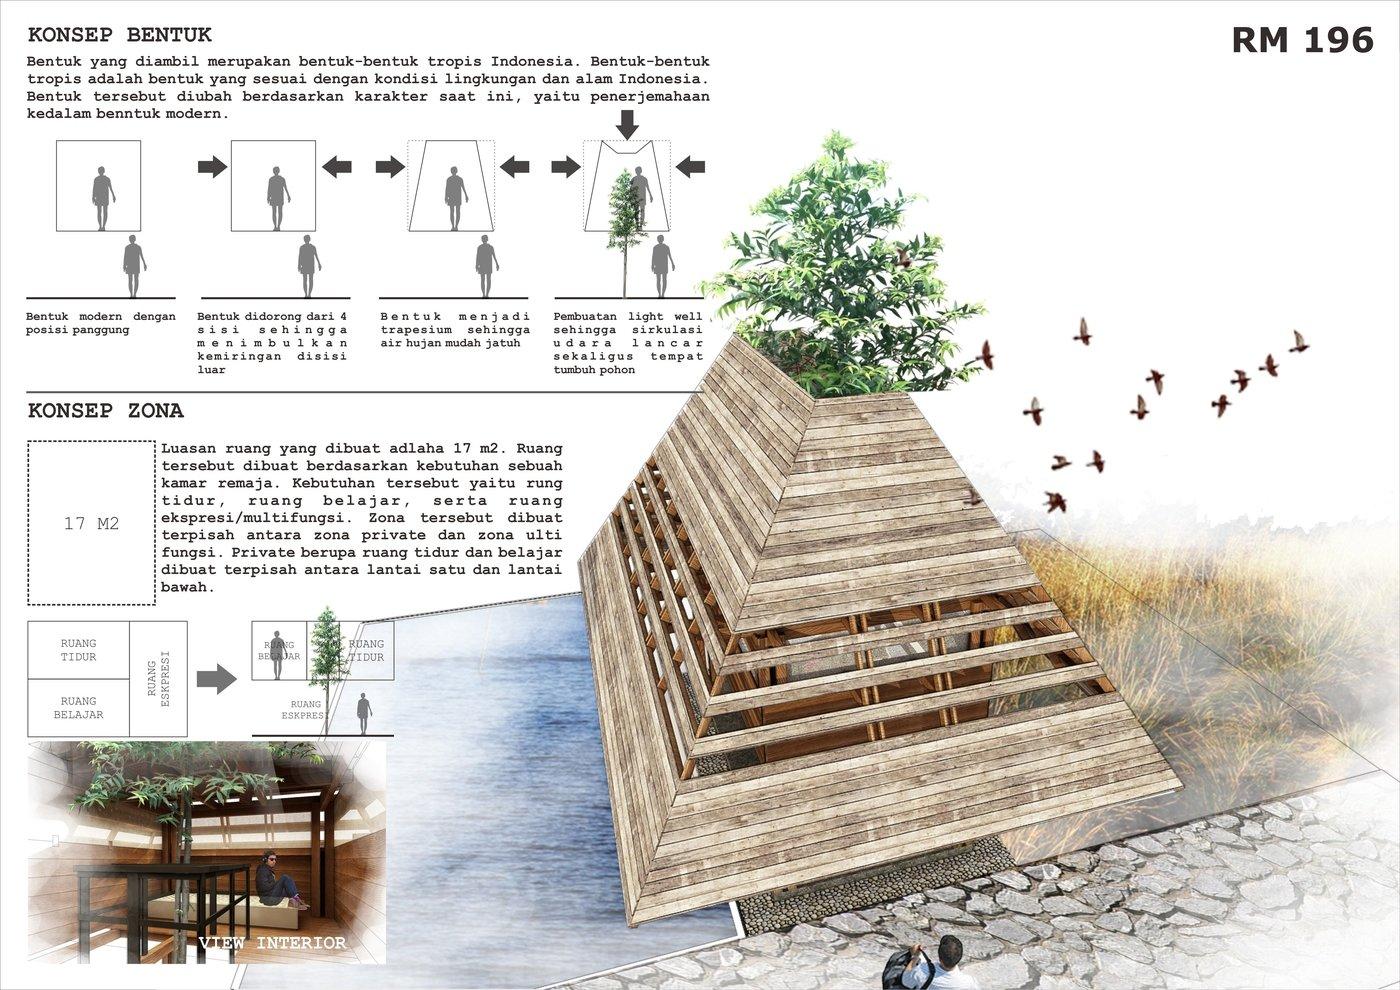 196 Gambar Ilustrasi Lingkungan Rumah Gambarilus